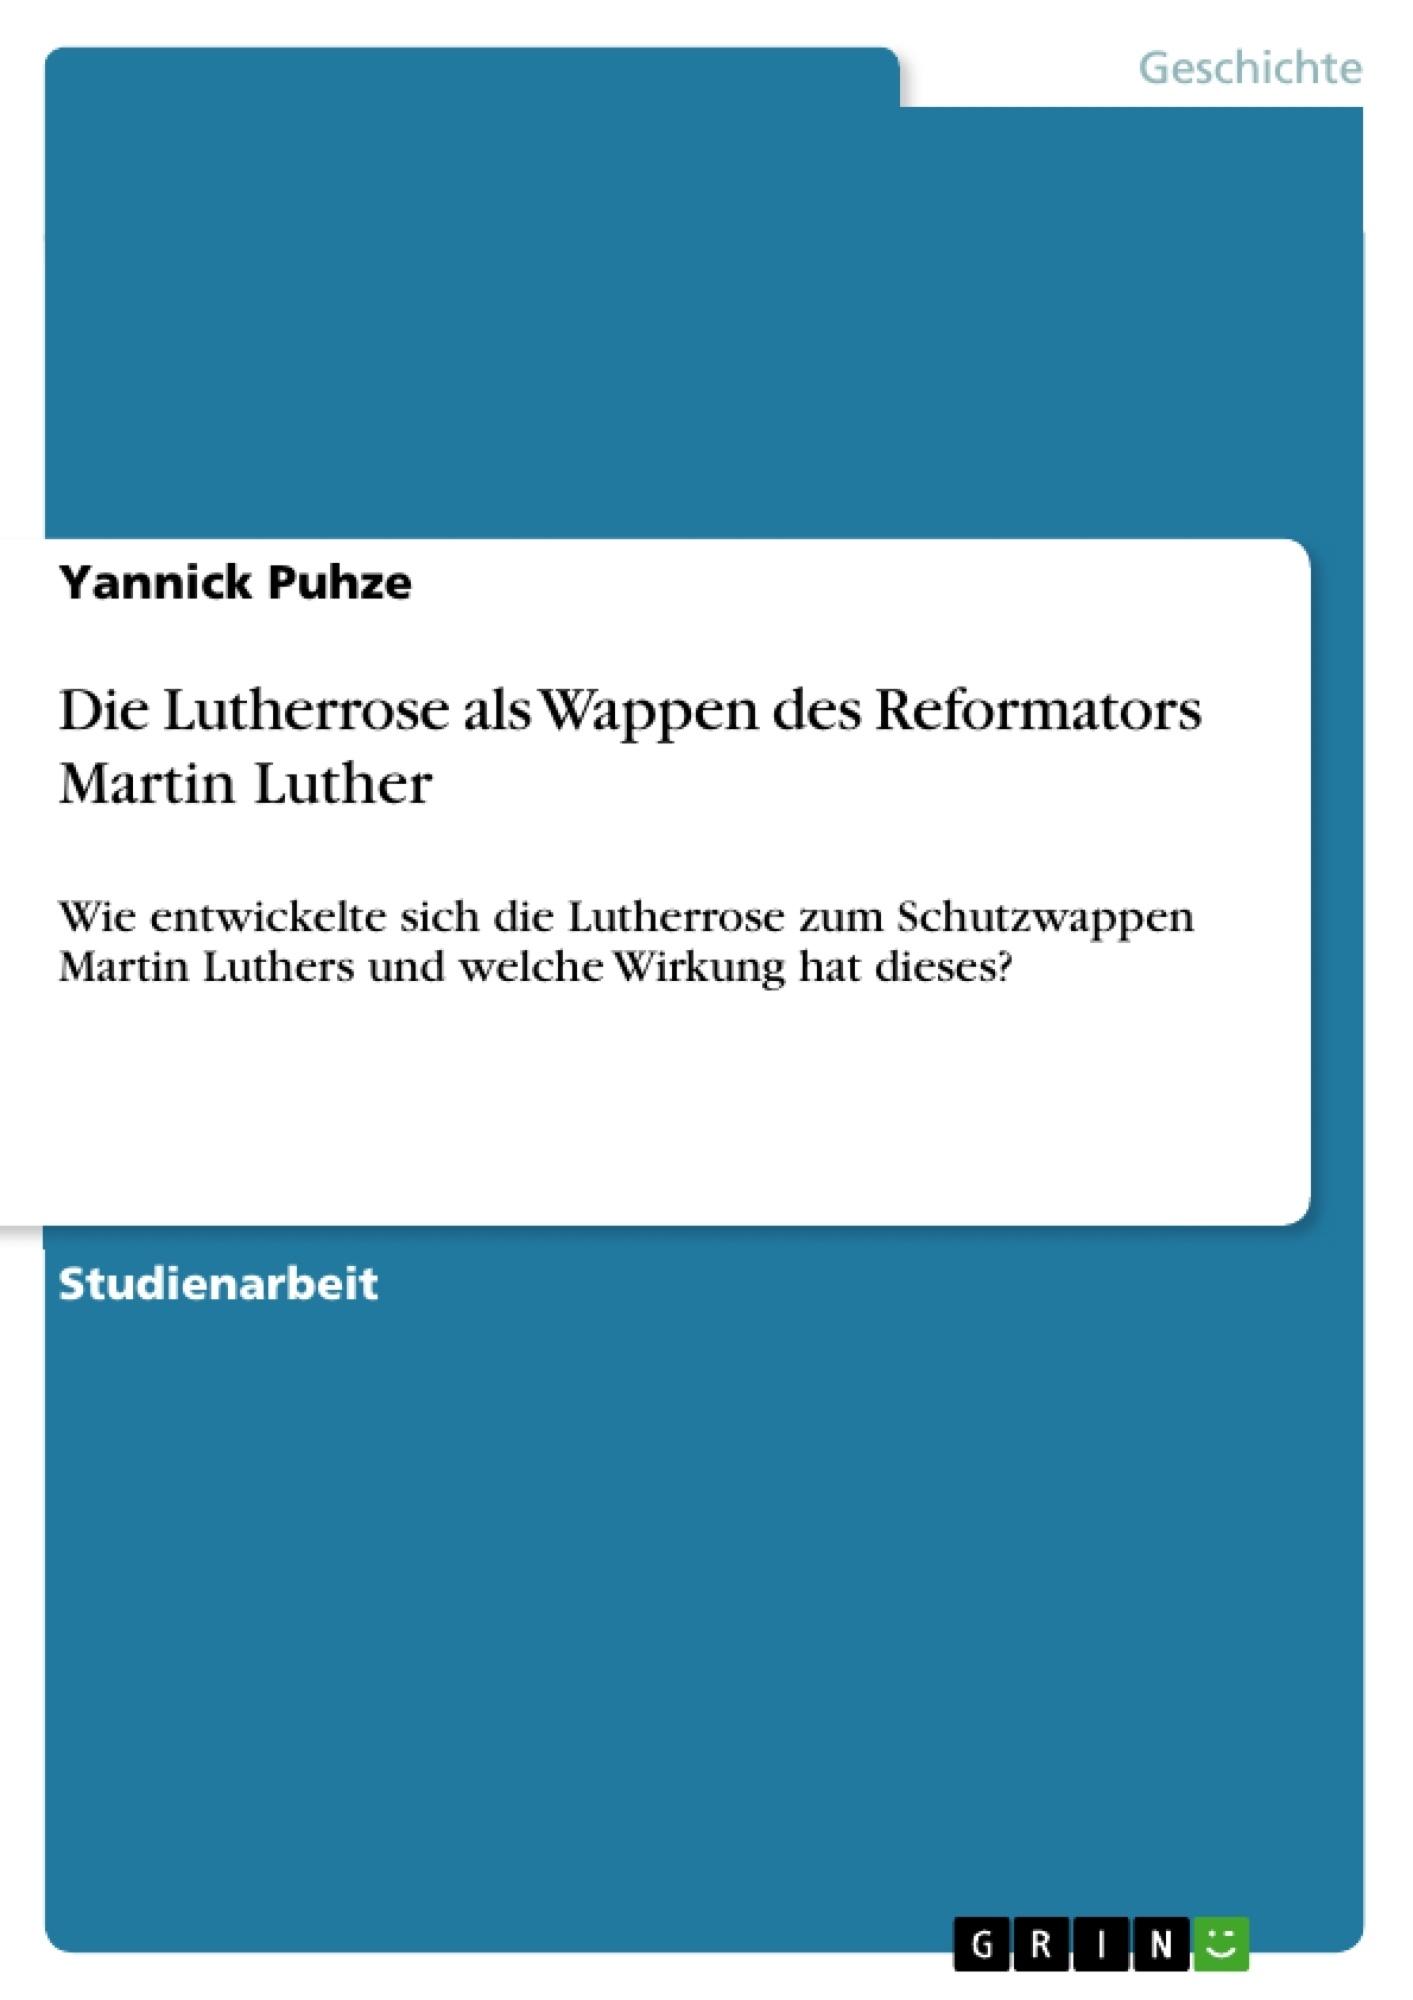 Titel: Die Lutherrose als Wappen des Reformators Martin Luther